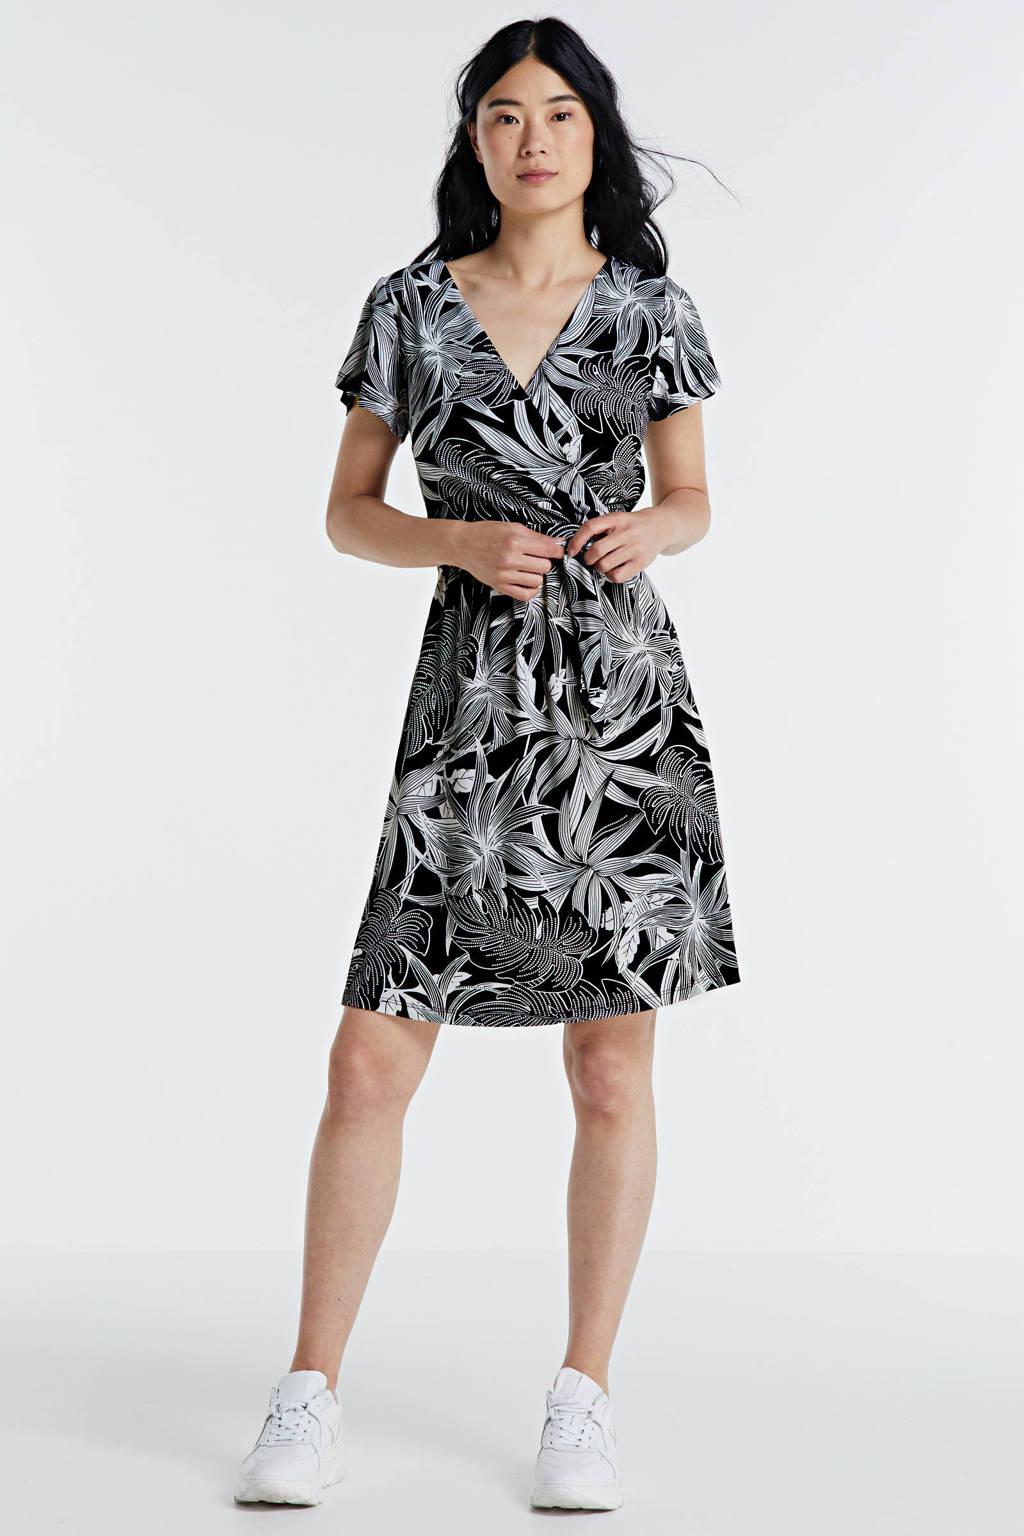 Smashed Lemon jurk met bladprint zwart/wit, Zwart/wit